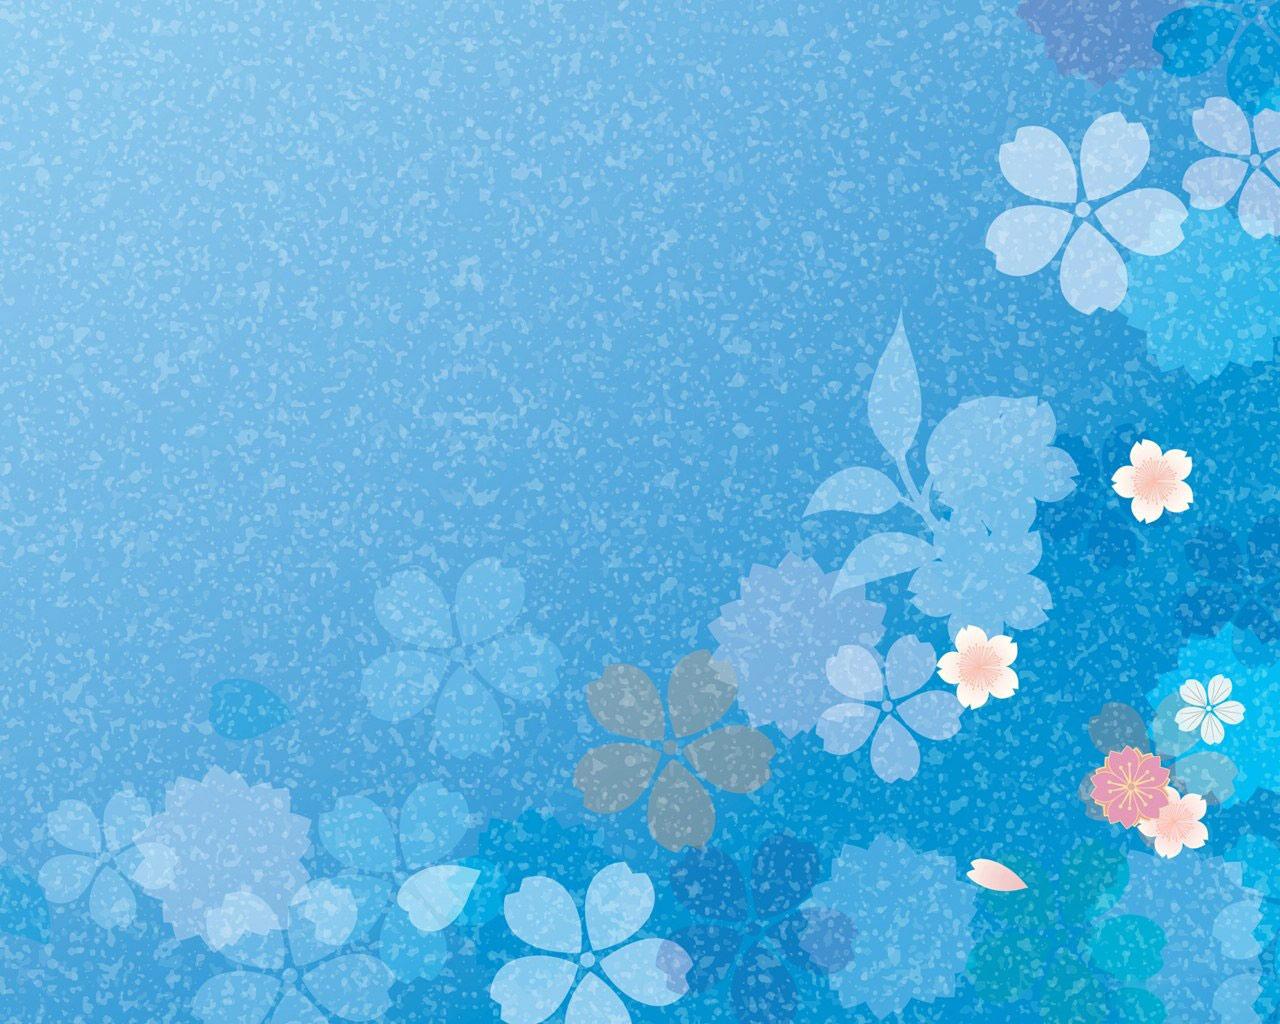 blue bird wallpaper blue wallpaper flower wallpaper light blue 1280x1024